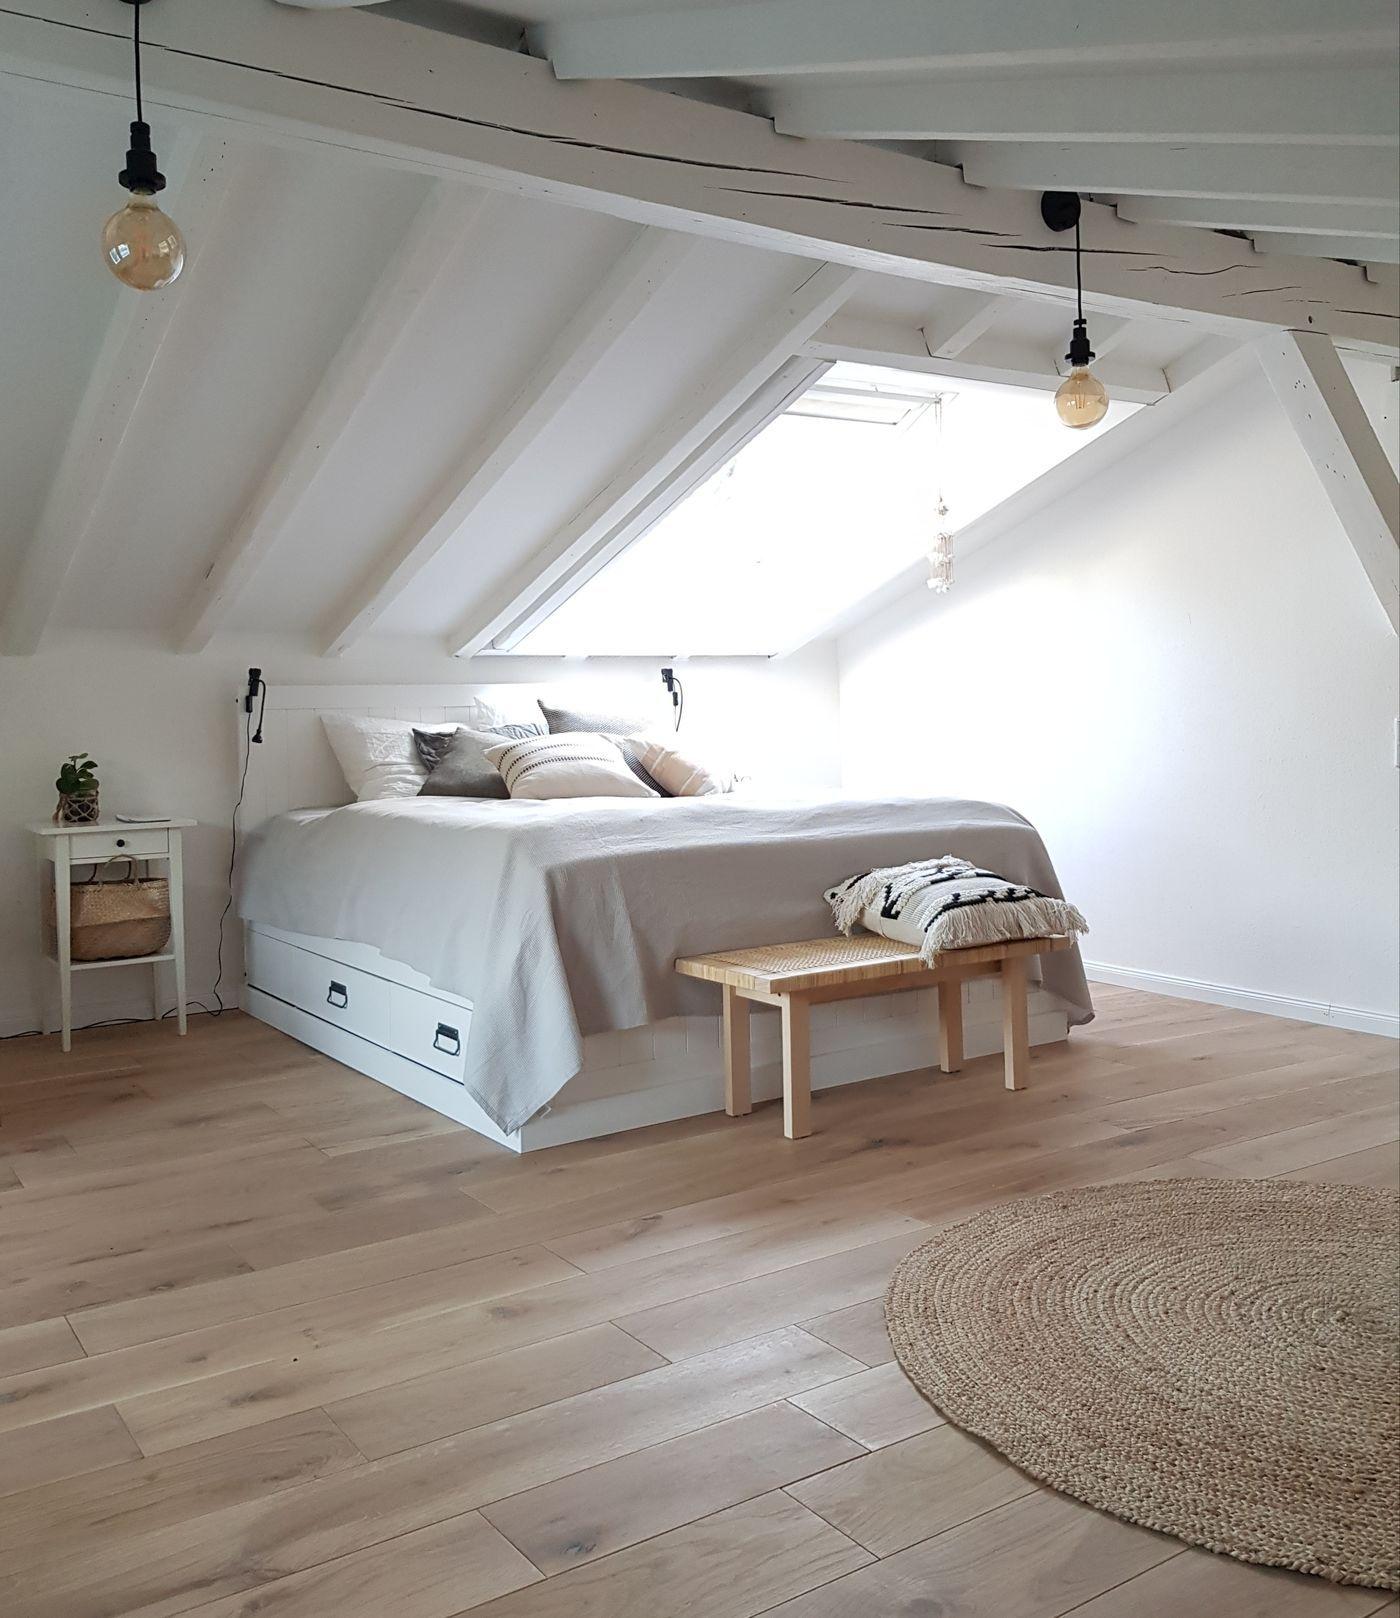 Full Size of Weißes Schlafzimmer Komplette Günstig Rauch Vorhänge Kommode Stuhl Für Lampe Wandlampe Sessel Teppich Massivholz Komplett Stehlampe Wandtattoos Günstige Schlafzimmer Weißes Schlafzimmer